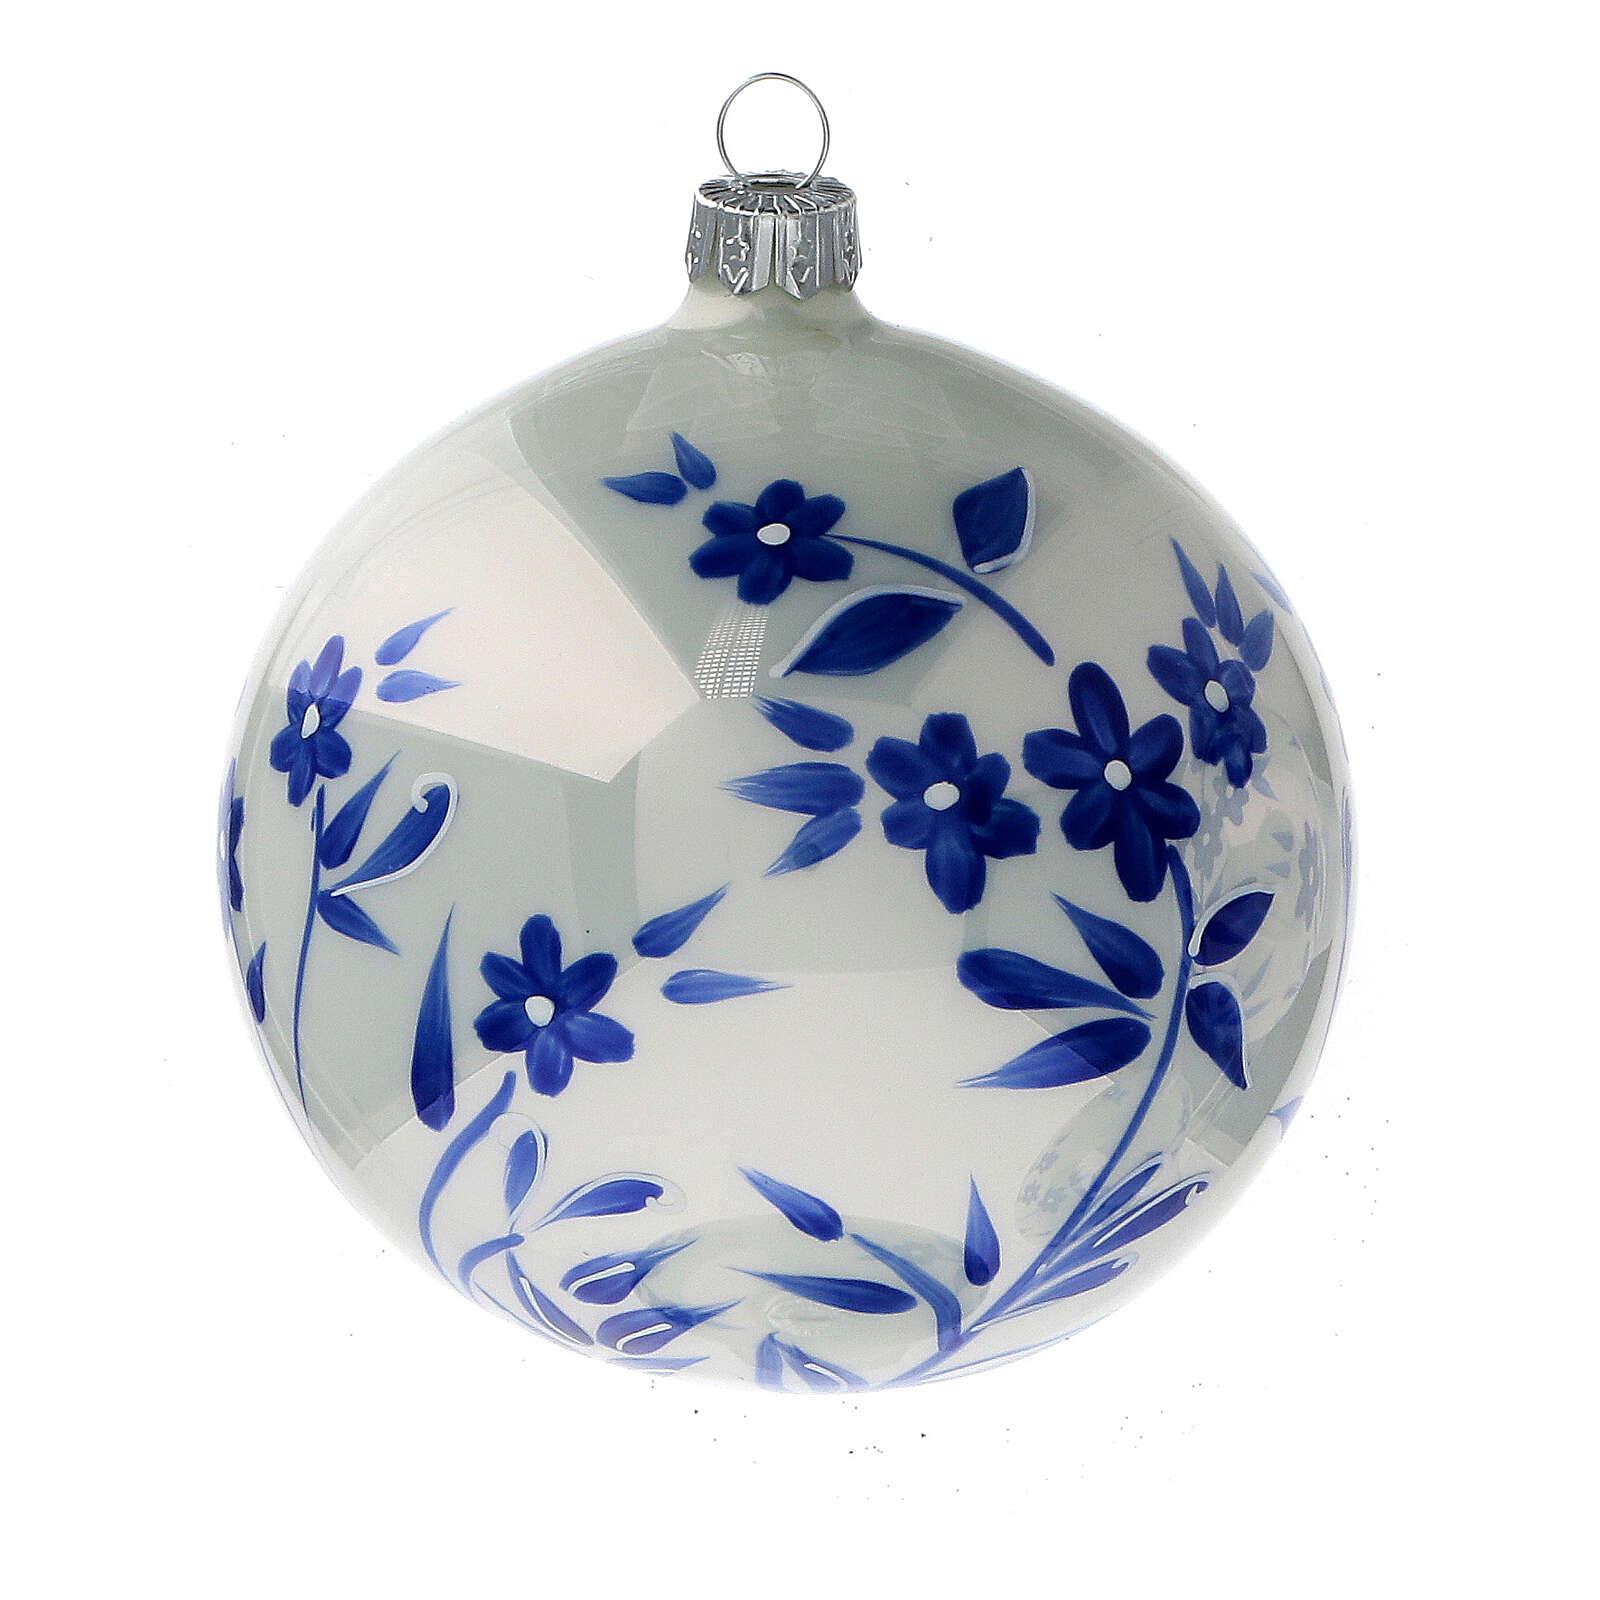 Boule Noël blanche fleurs bleues stylisées verre soufflé 100 mm 4 pcs 4